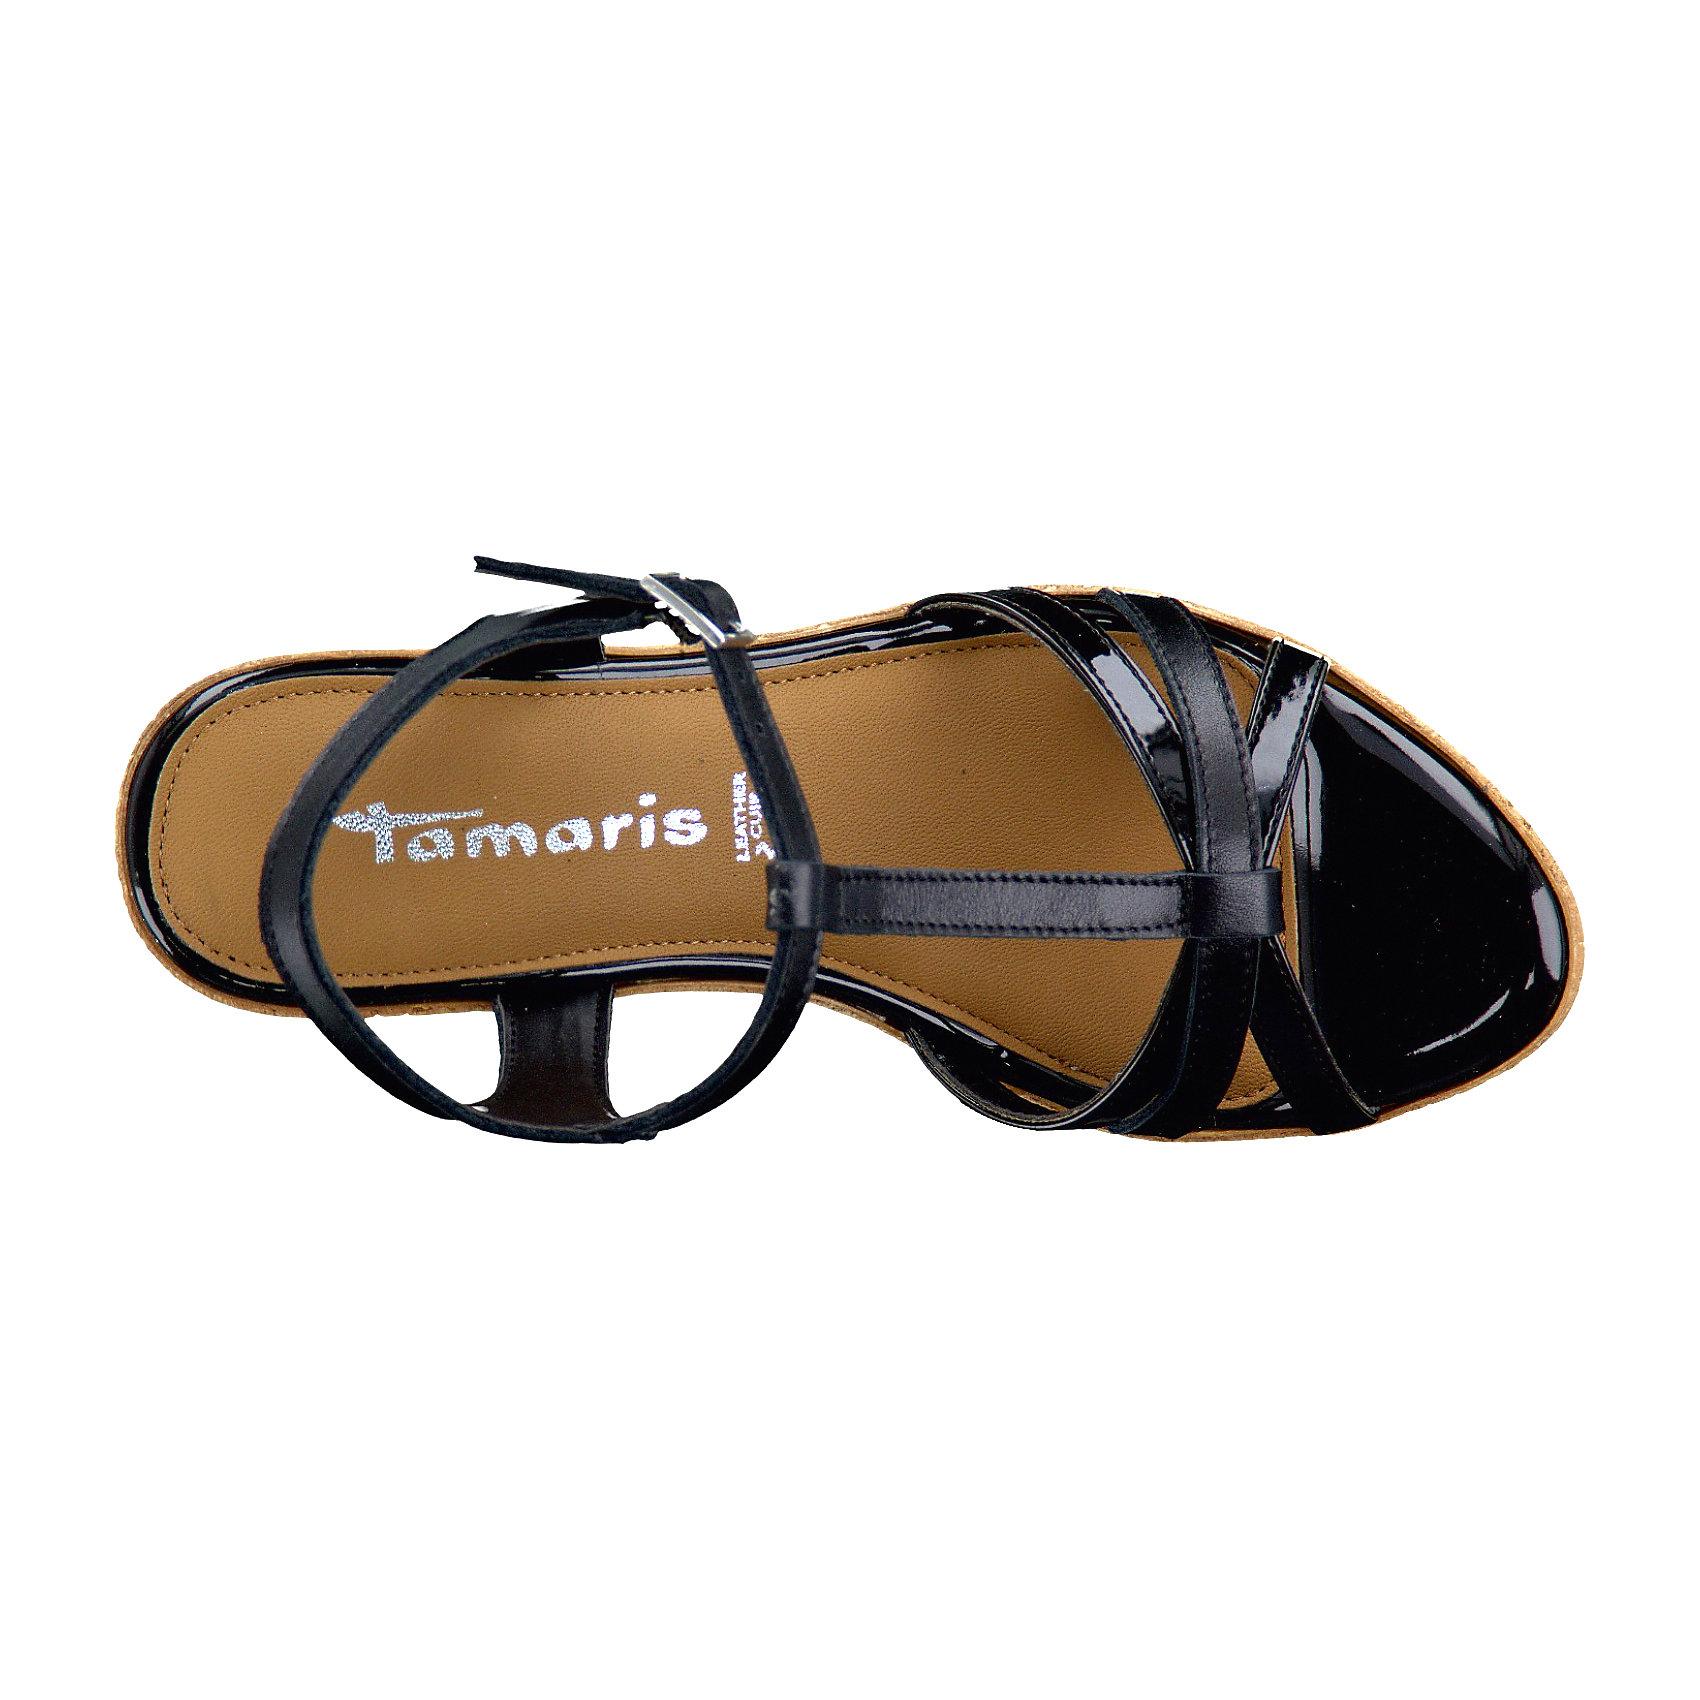 Neu Tamaris Vesila Sandaletten schwarz 5773044